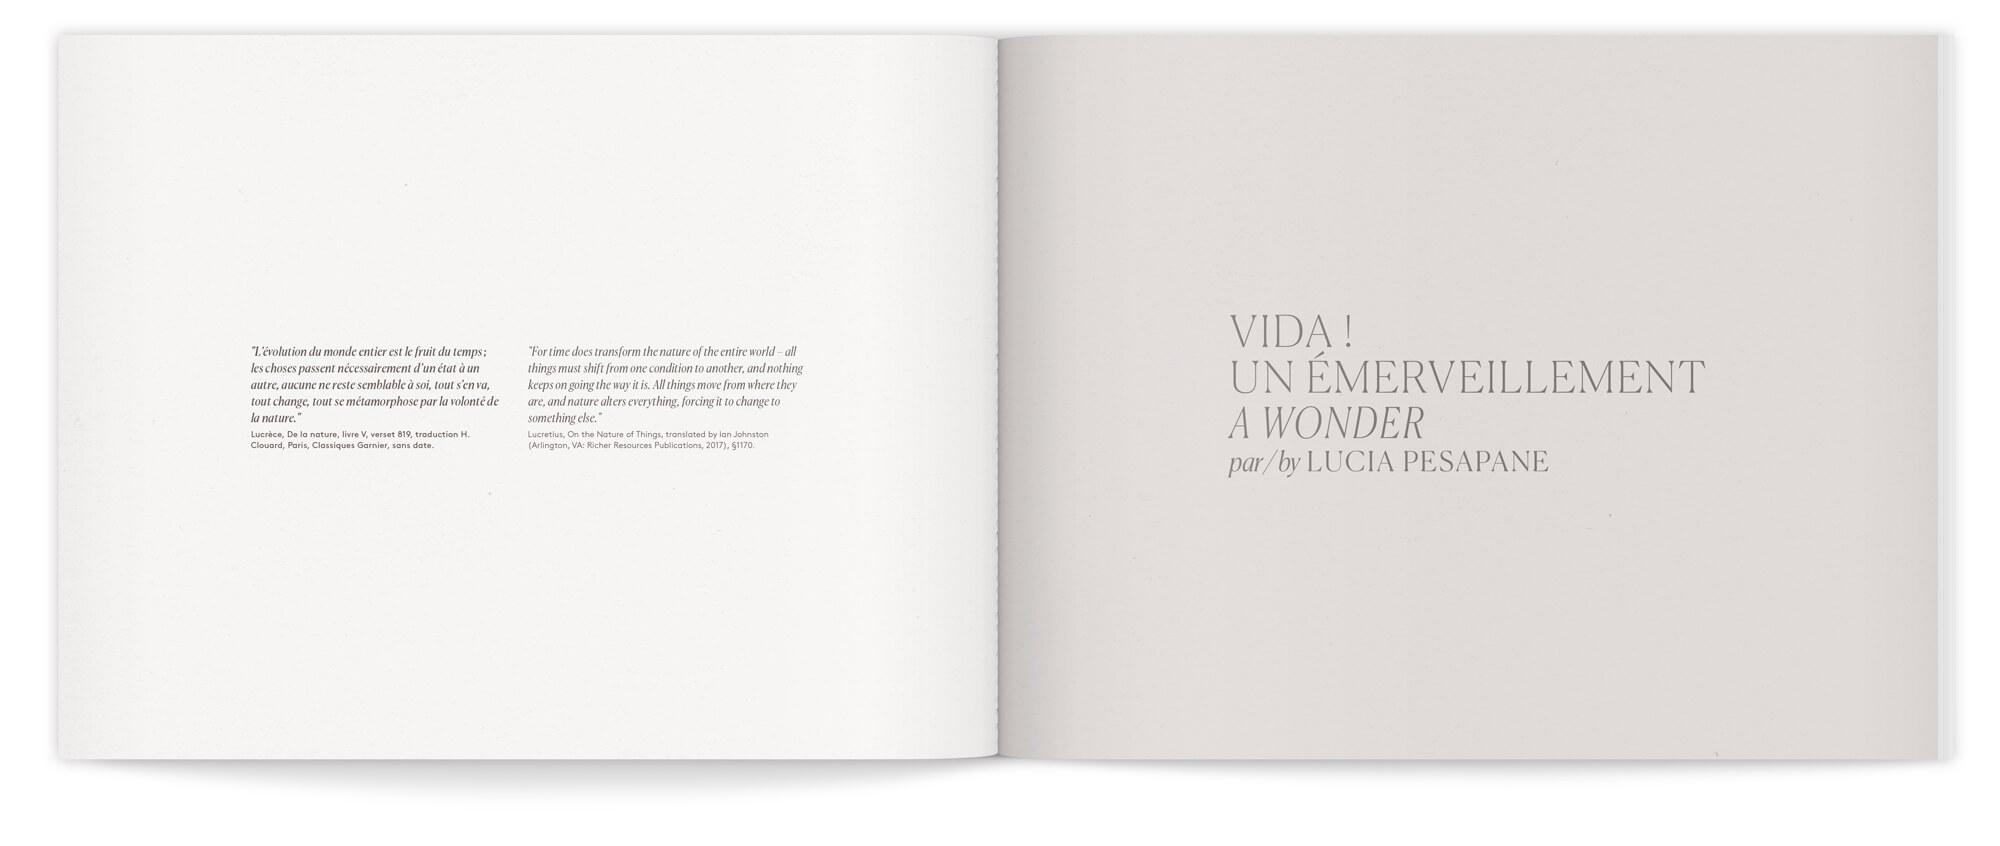 daniela-busarello-vida-livret-page-intro-ichetkar